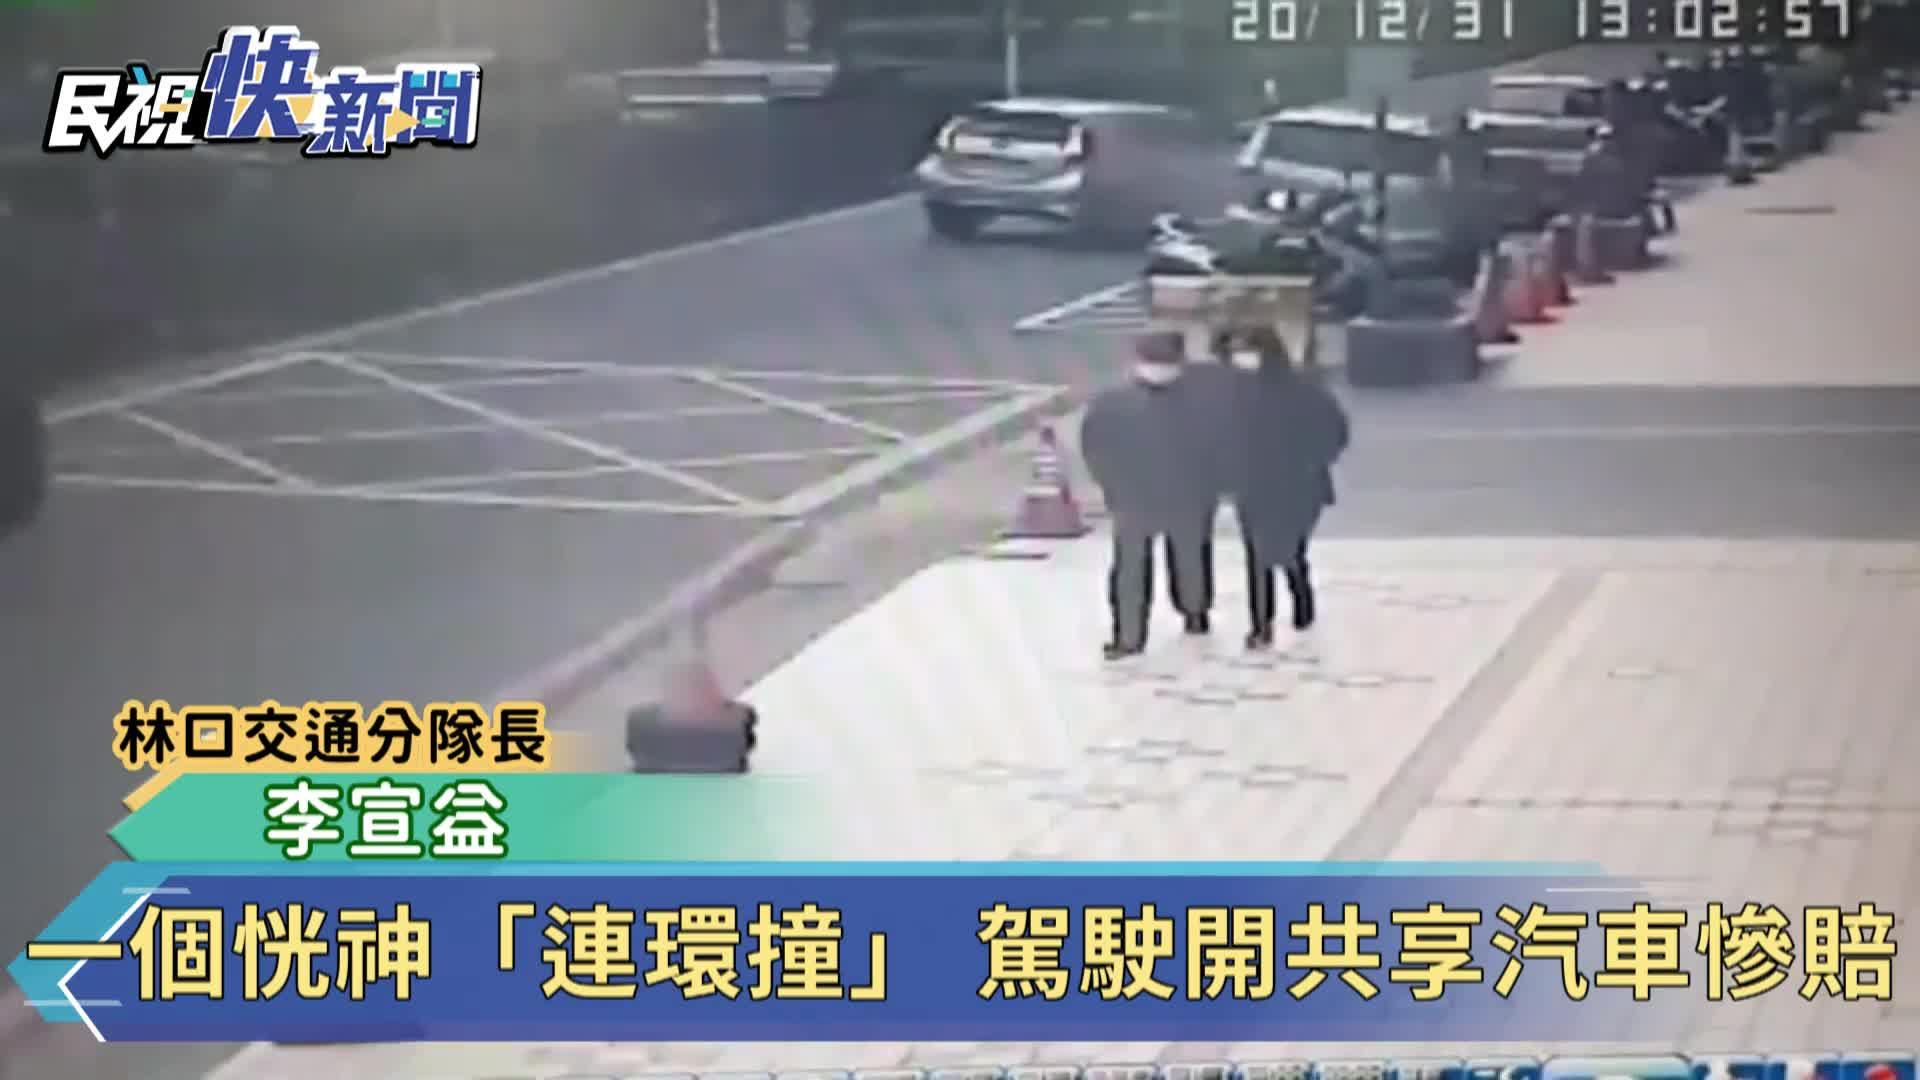 一個恍神「連環撞」 駕駛開共享汽車慘賠